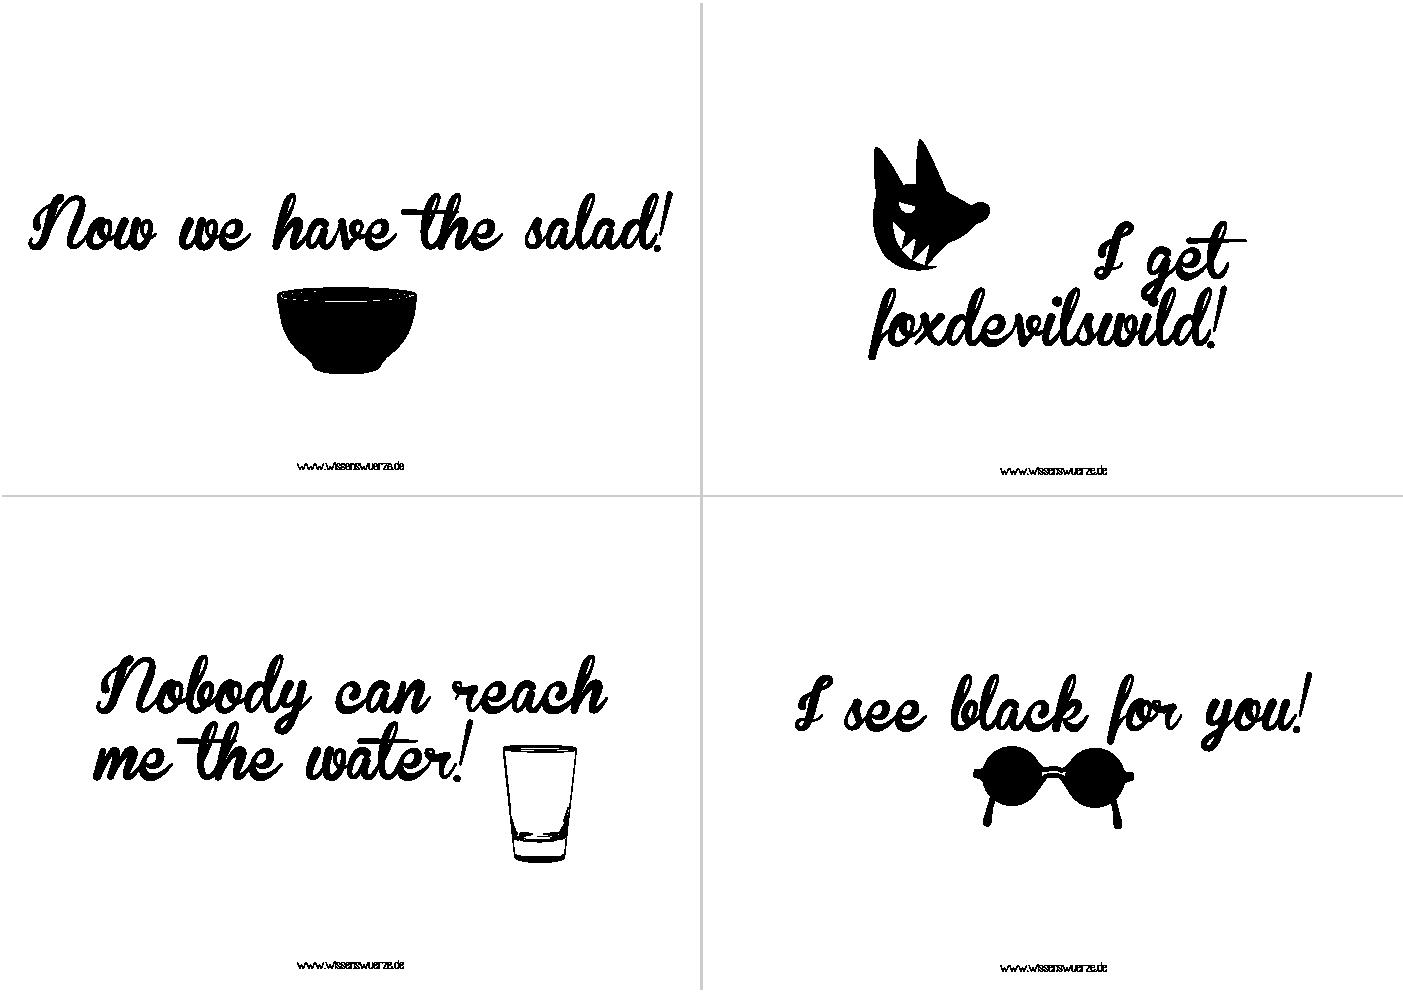 das famose quartett denglisch 3. Black Bedroom Furniture Sets. Home Design Ideas